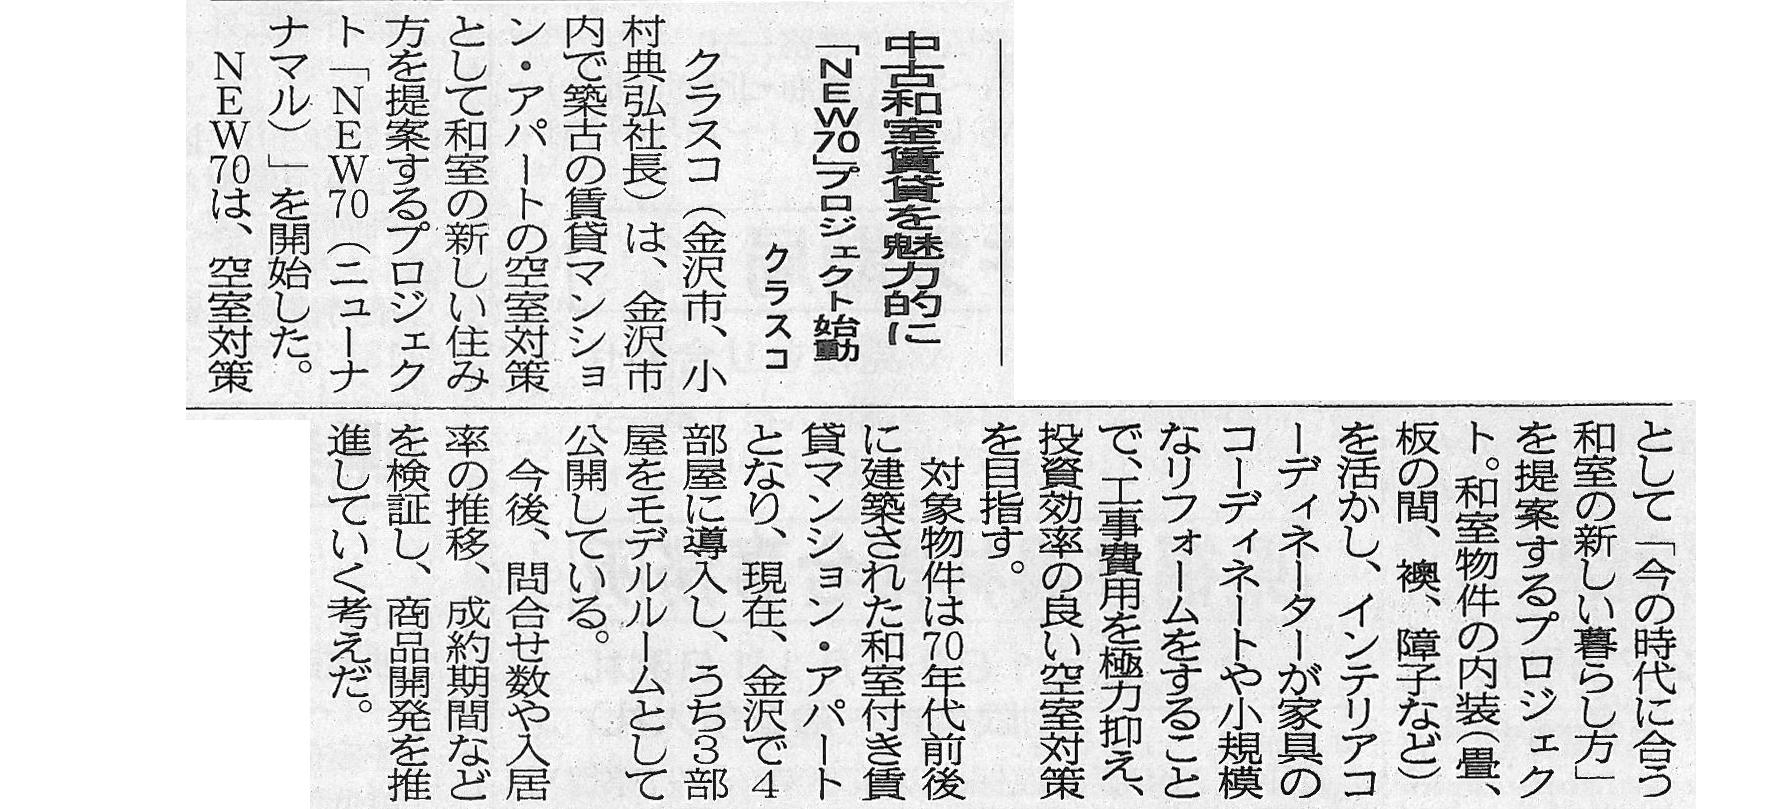 20171225kensetsukogyo